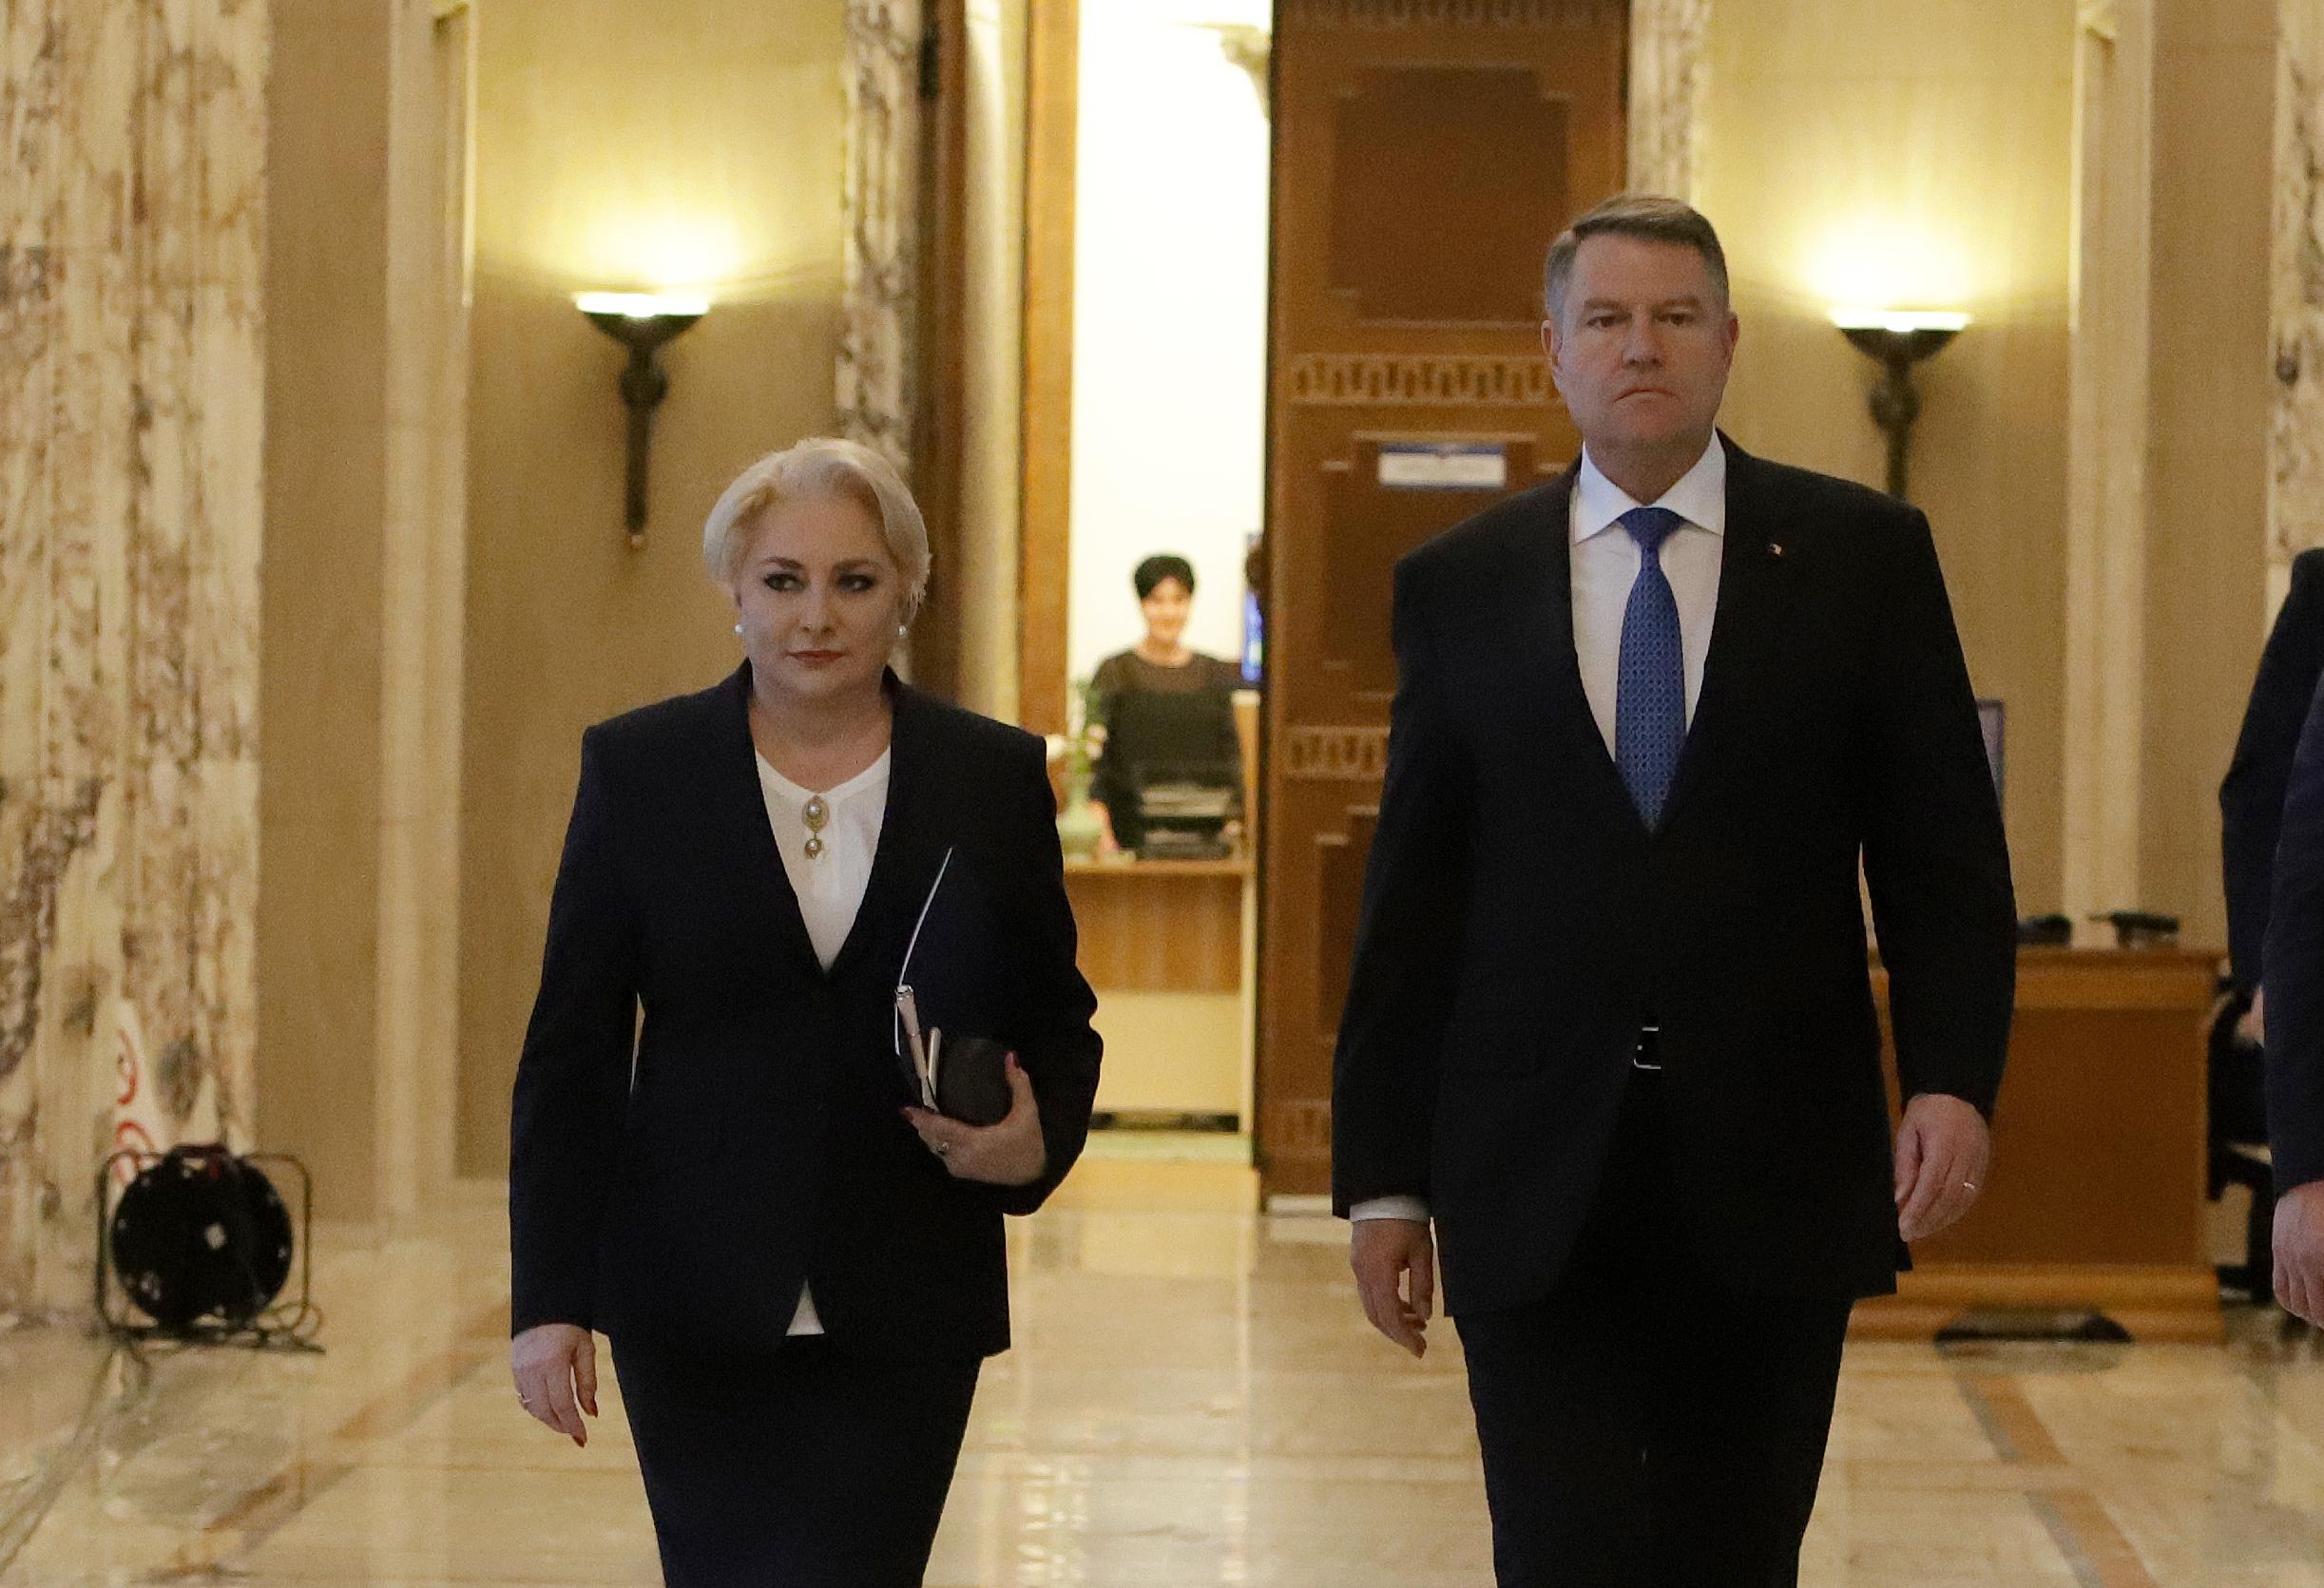 Rețeaua care distruge România, motiv de scandal la vârf. Iohannis, atac dur asupra PSD